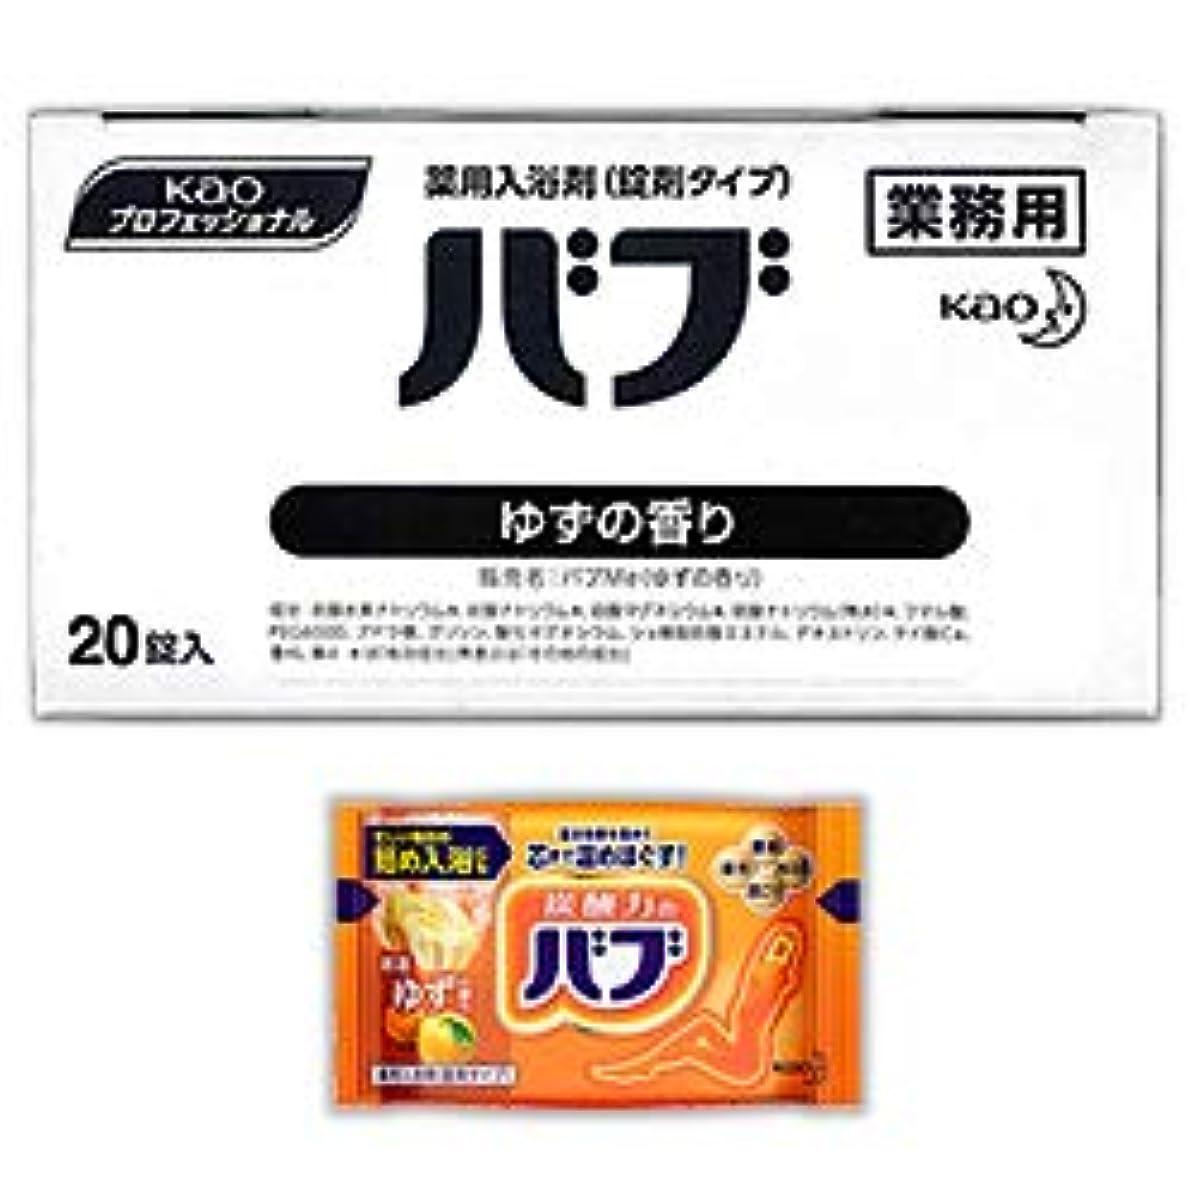 探検恥ずかしさ二層【花王】Kaoプロフェッショナル バブ ゆずの香り(業務用) 40g×20錠入 ×4個セット